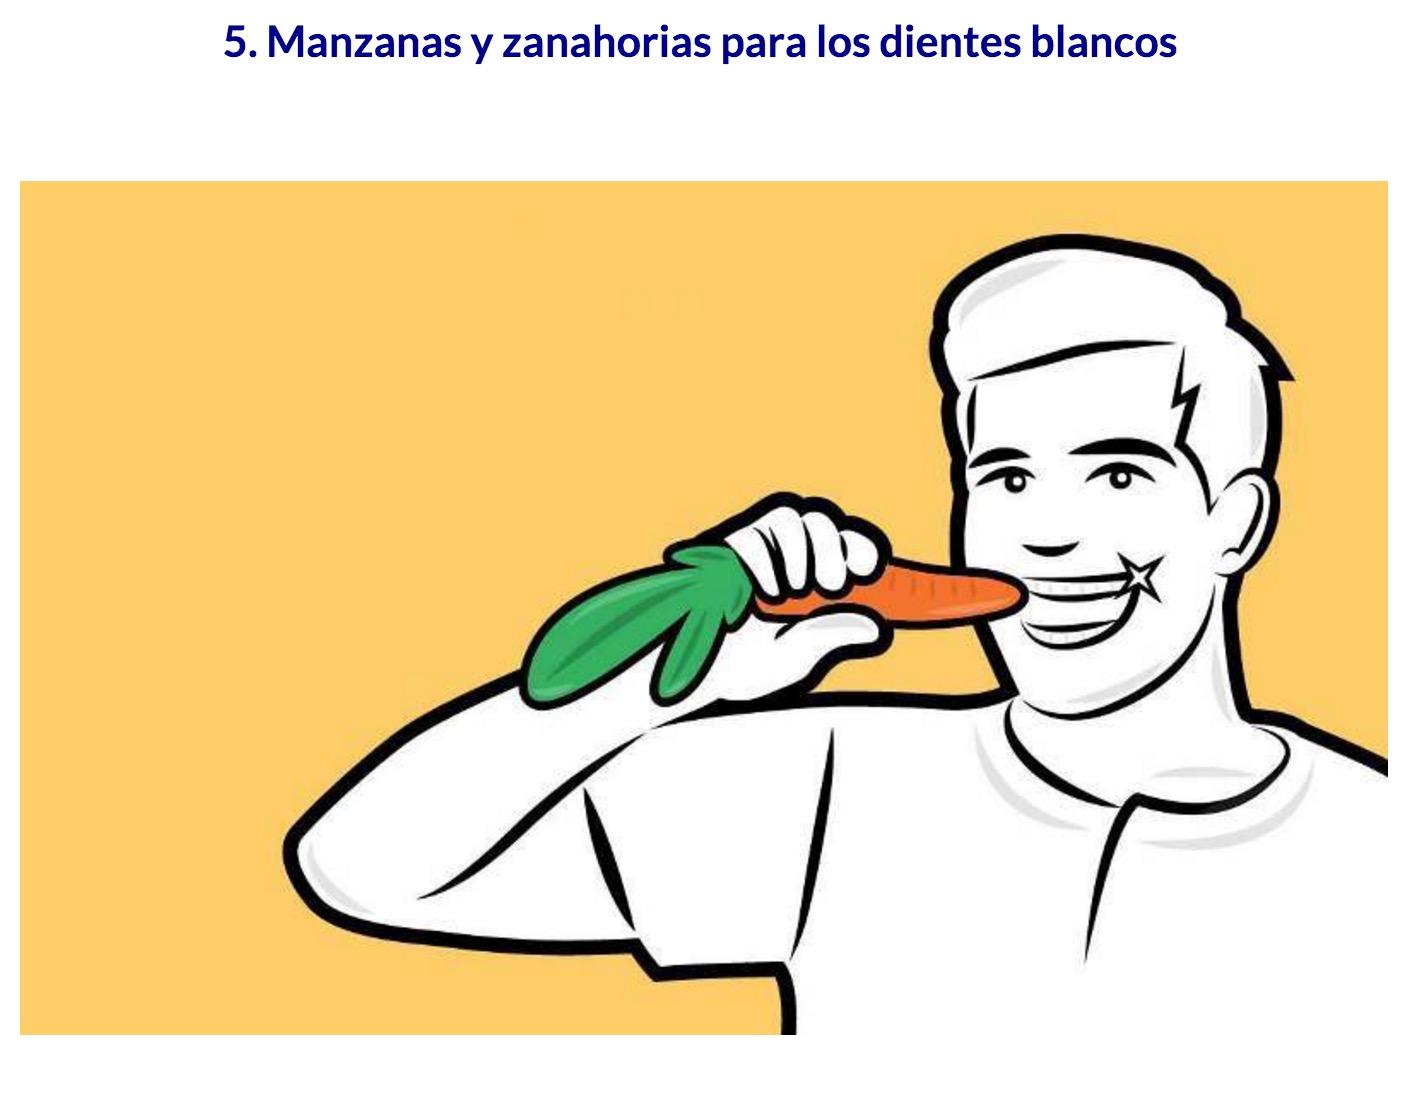 remedios-caseros-9